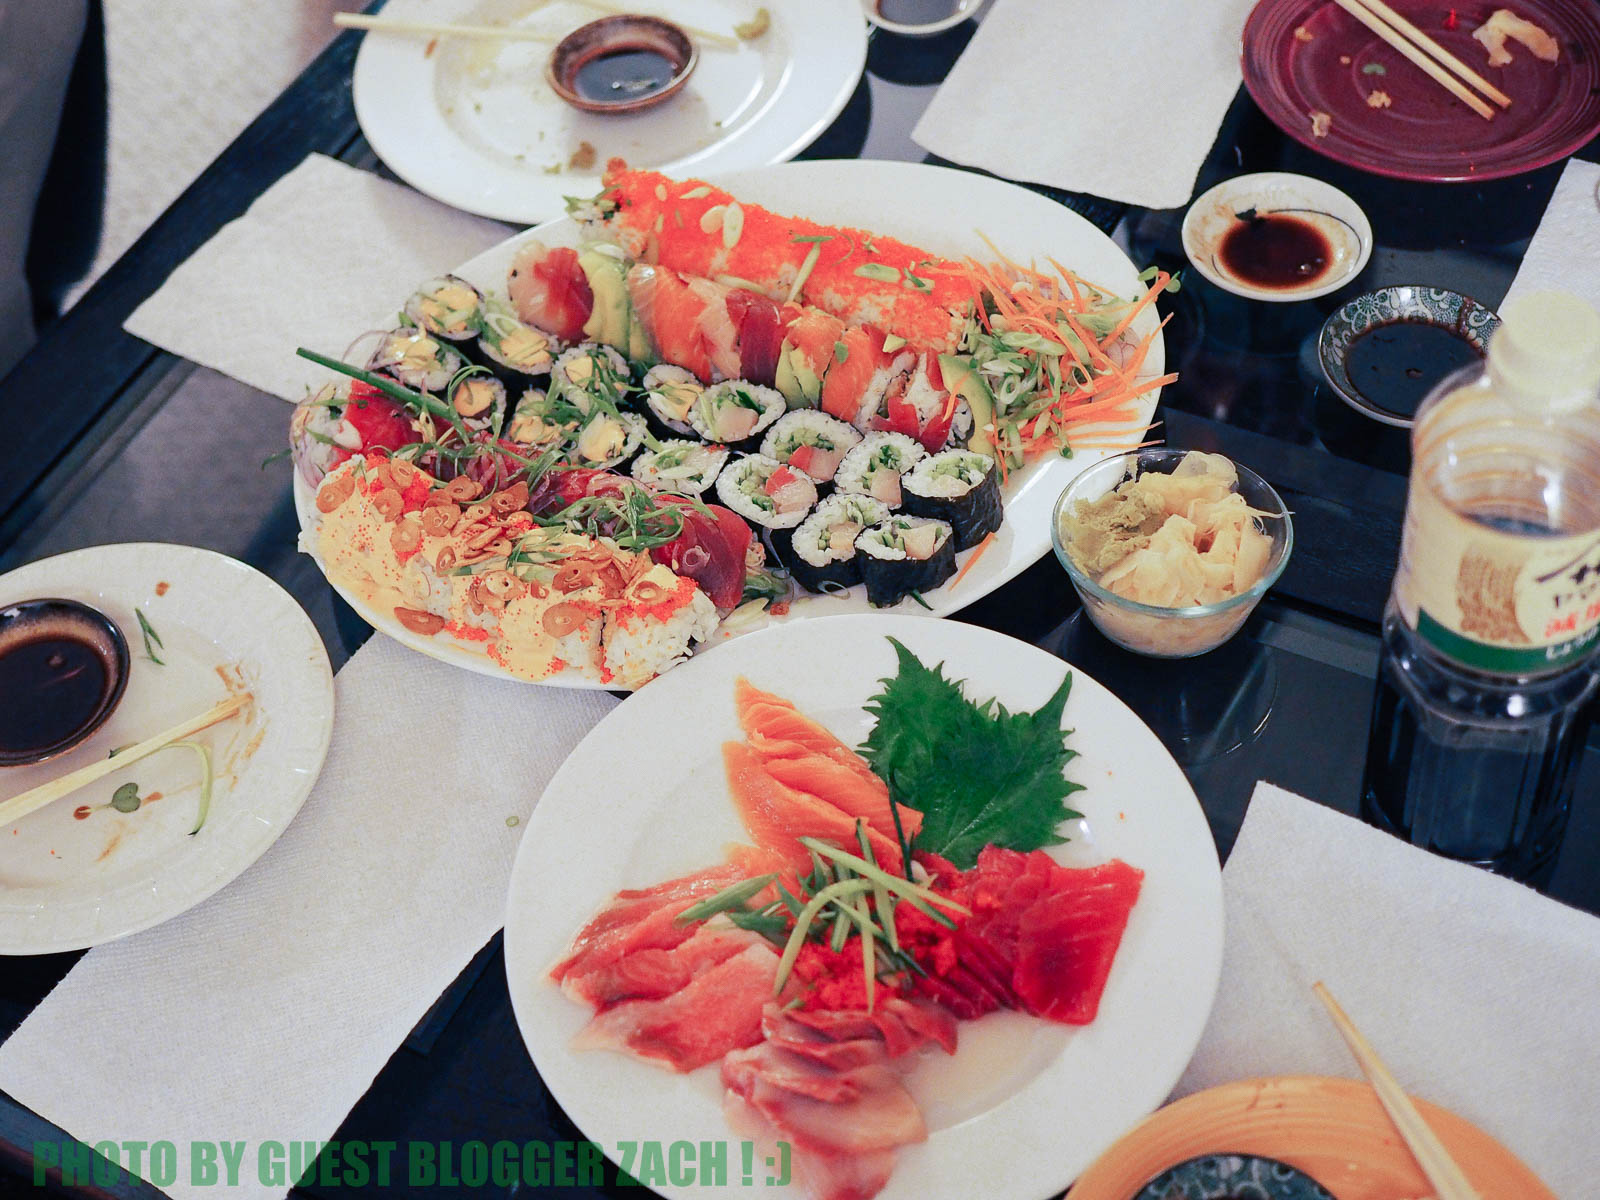 sushi-night-zach-23.jpg